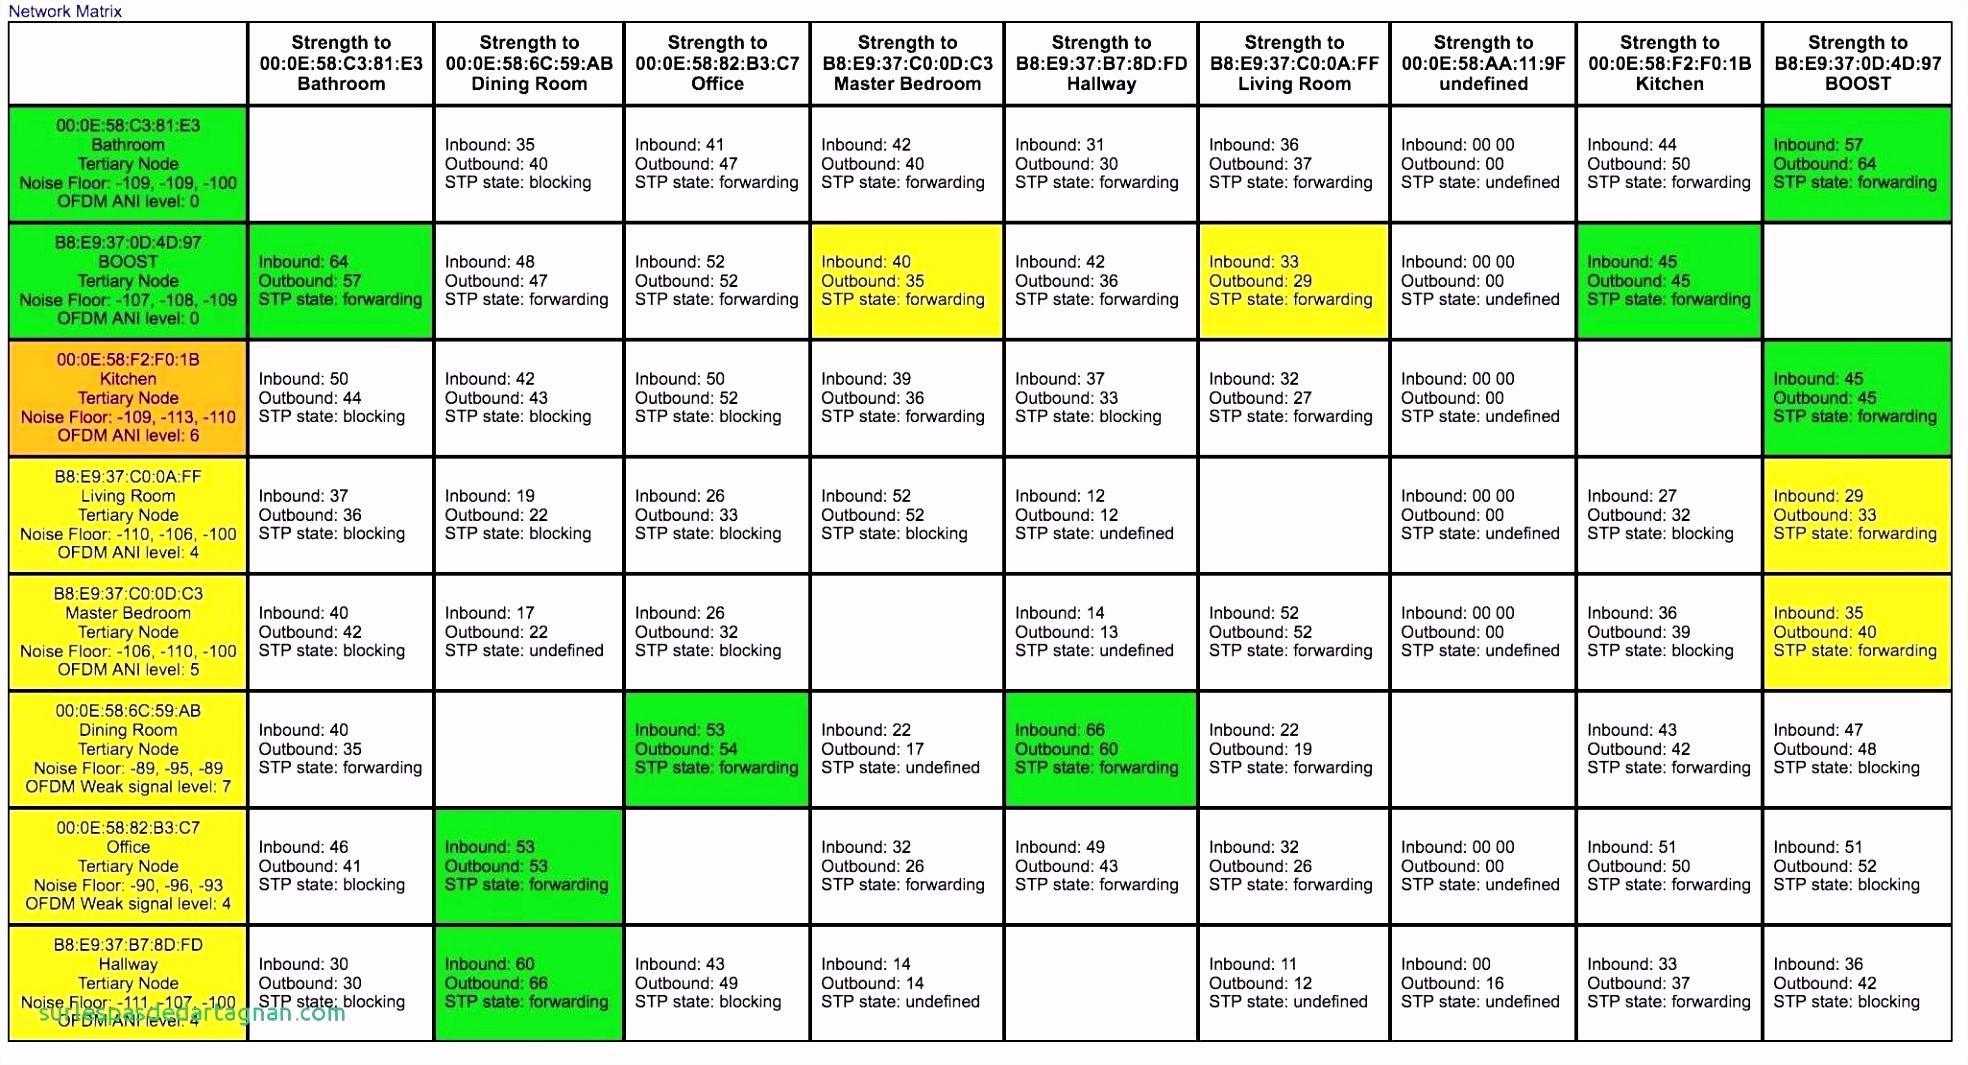 Vorlage Rechnung Schreiben Excel Makros Erstellen Oder Vorlage Rechnung Excel Produktfotos 41 U7rb22ief9 Csim25iauu